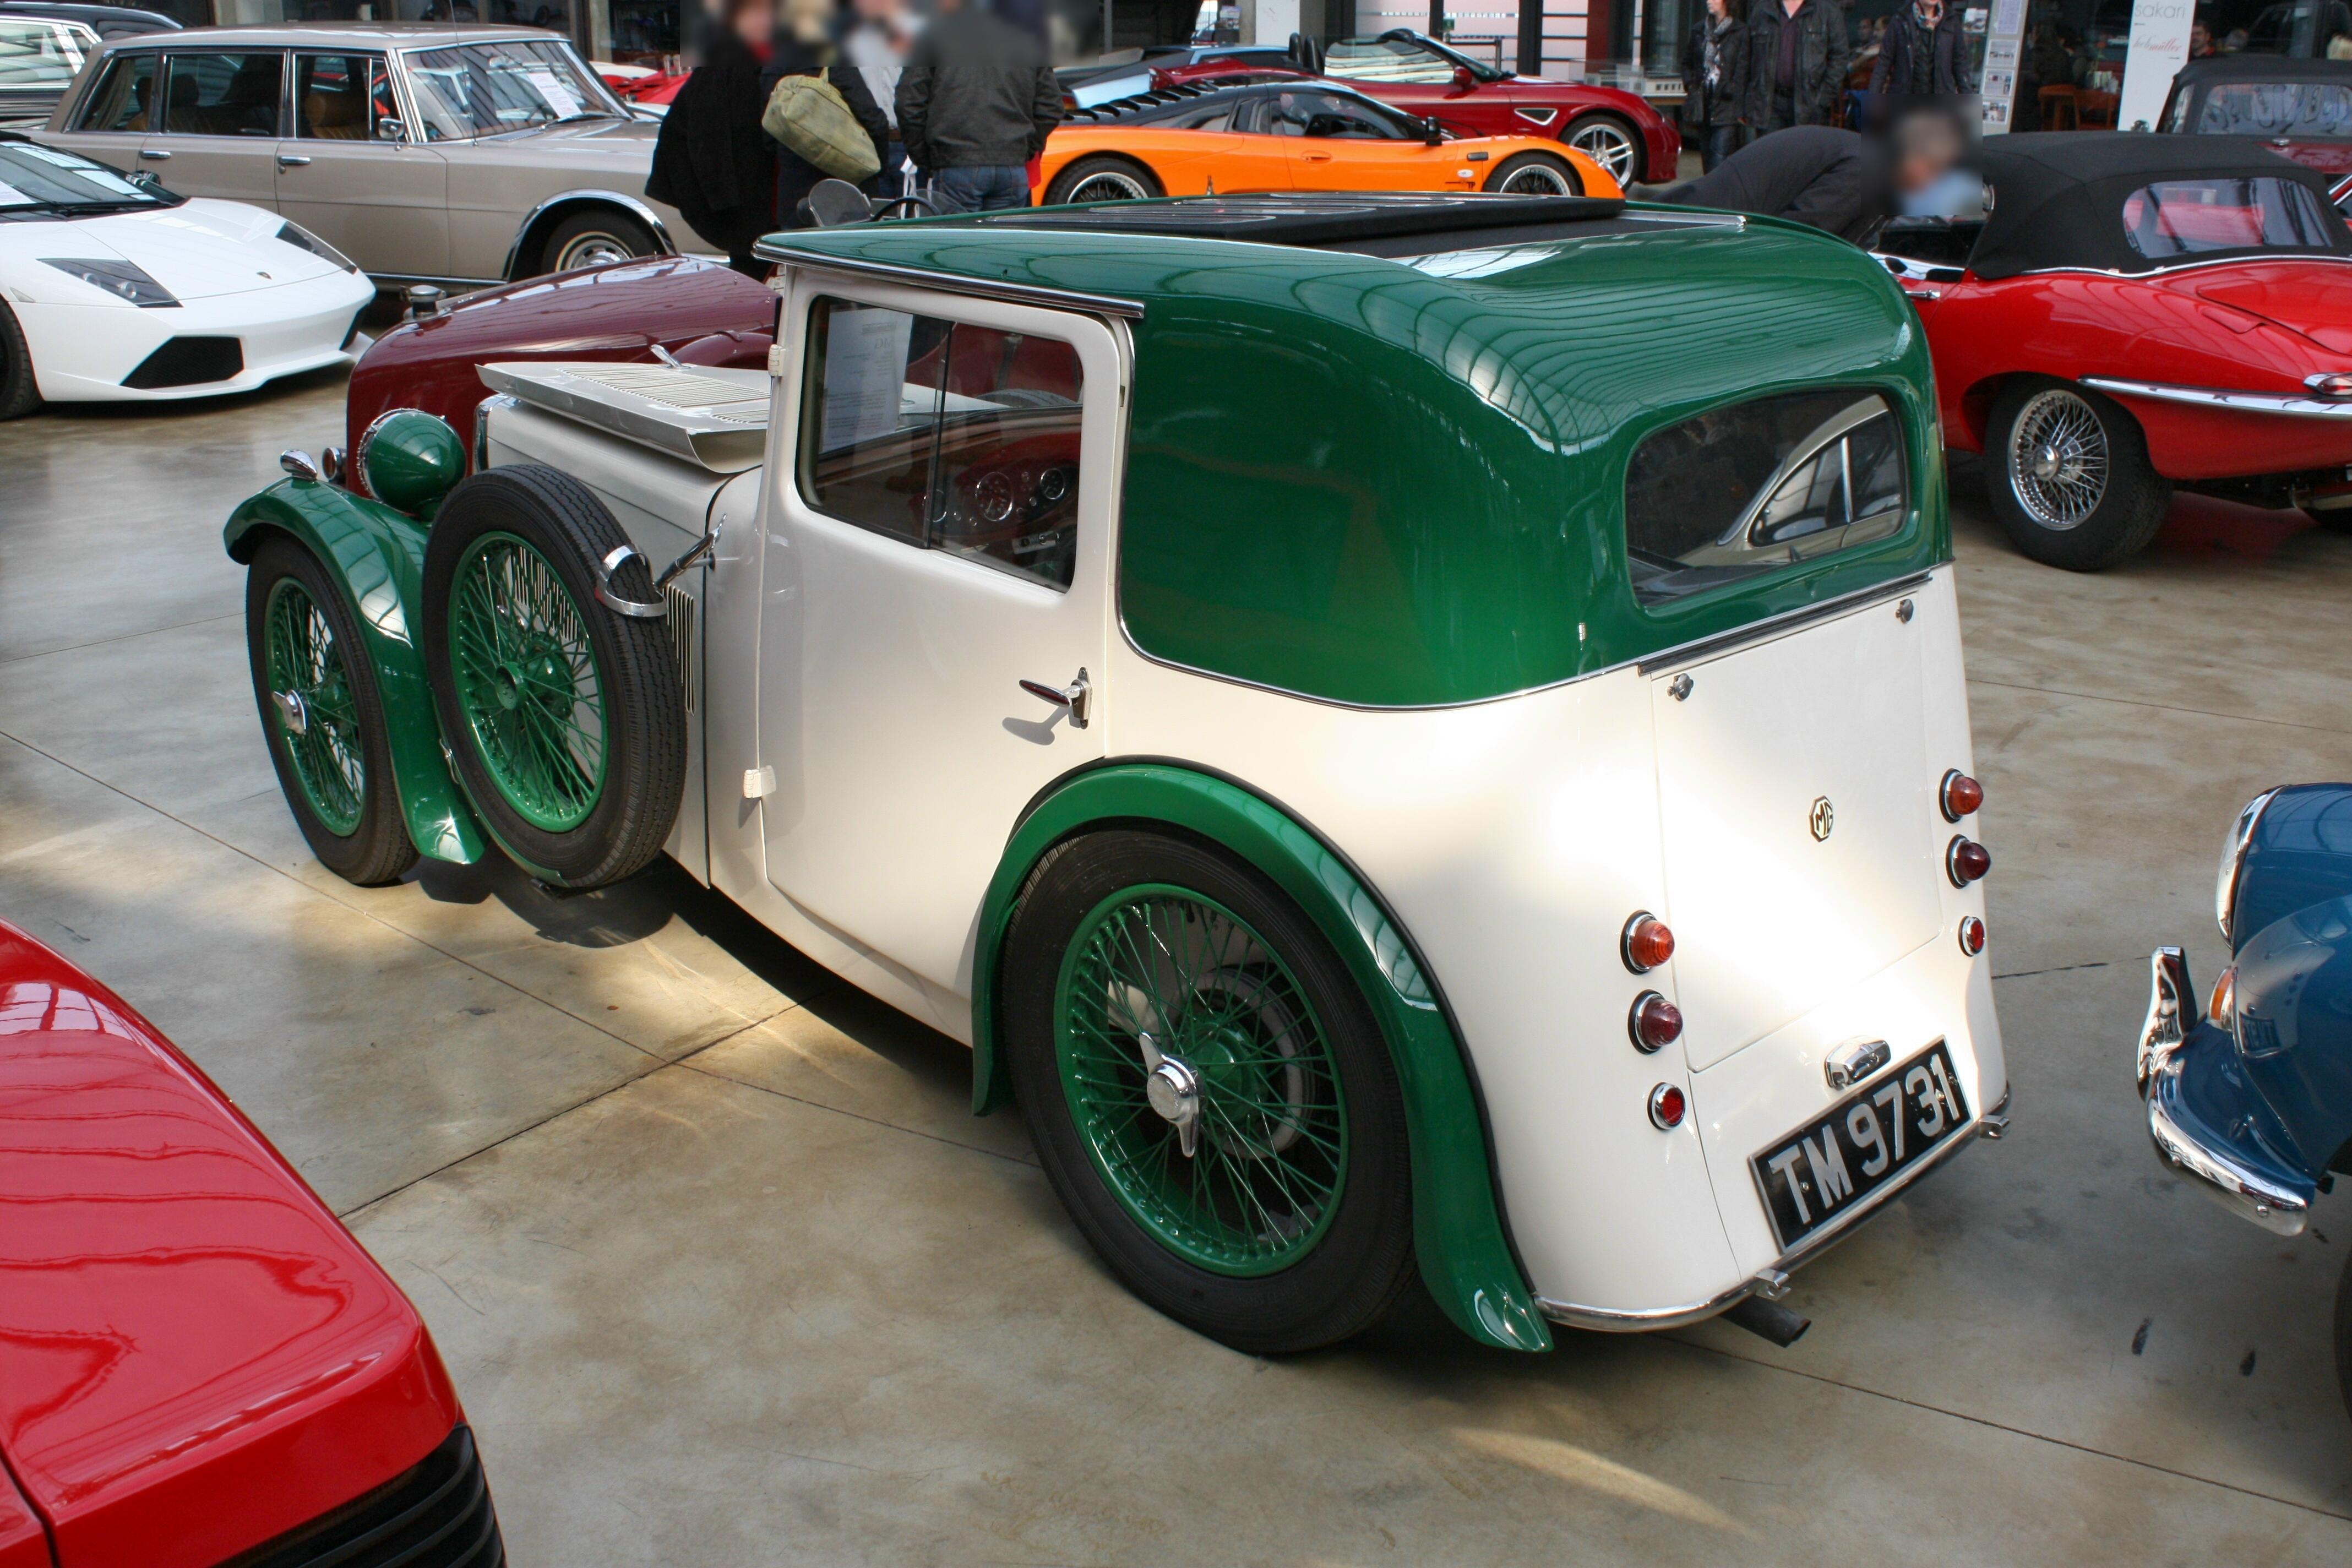 File:MG F1 Magna Salonette 000 000 1931-1933 1933 backleft 2013-03